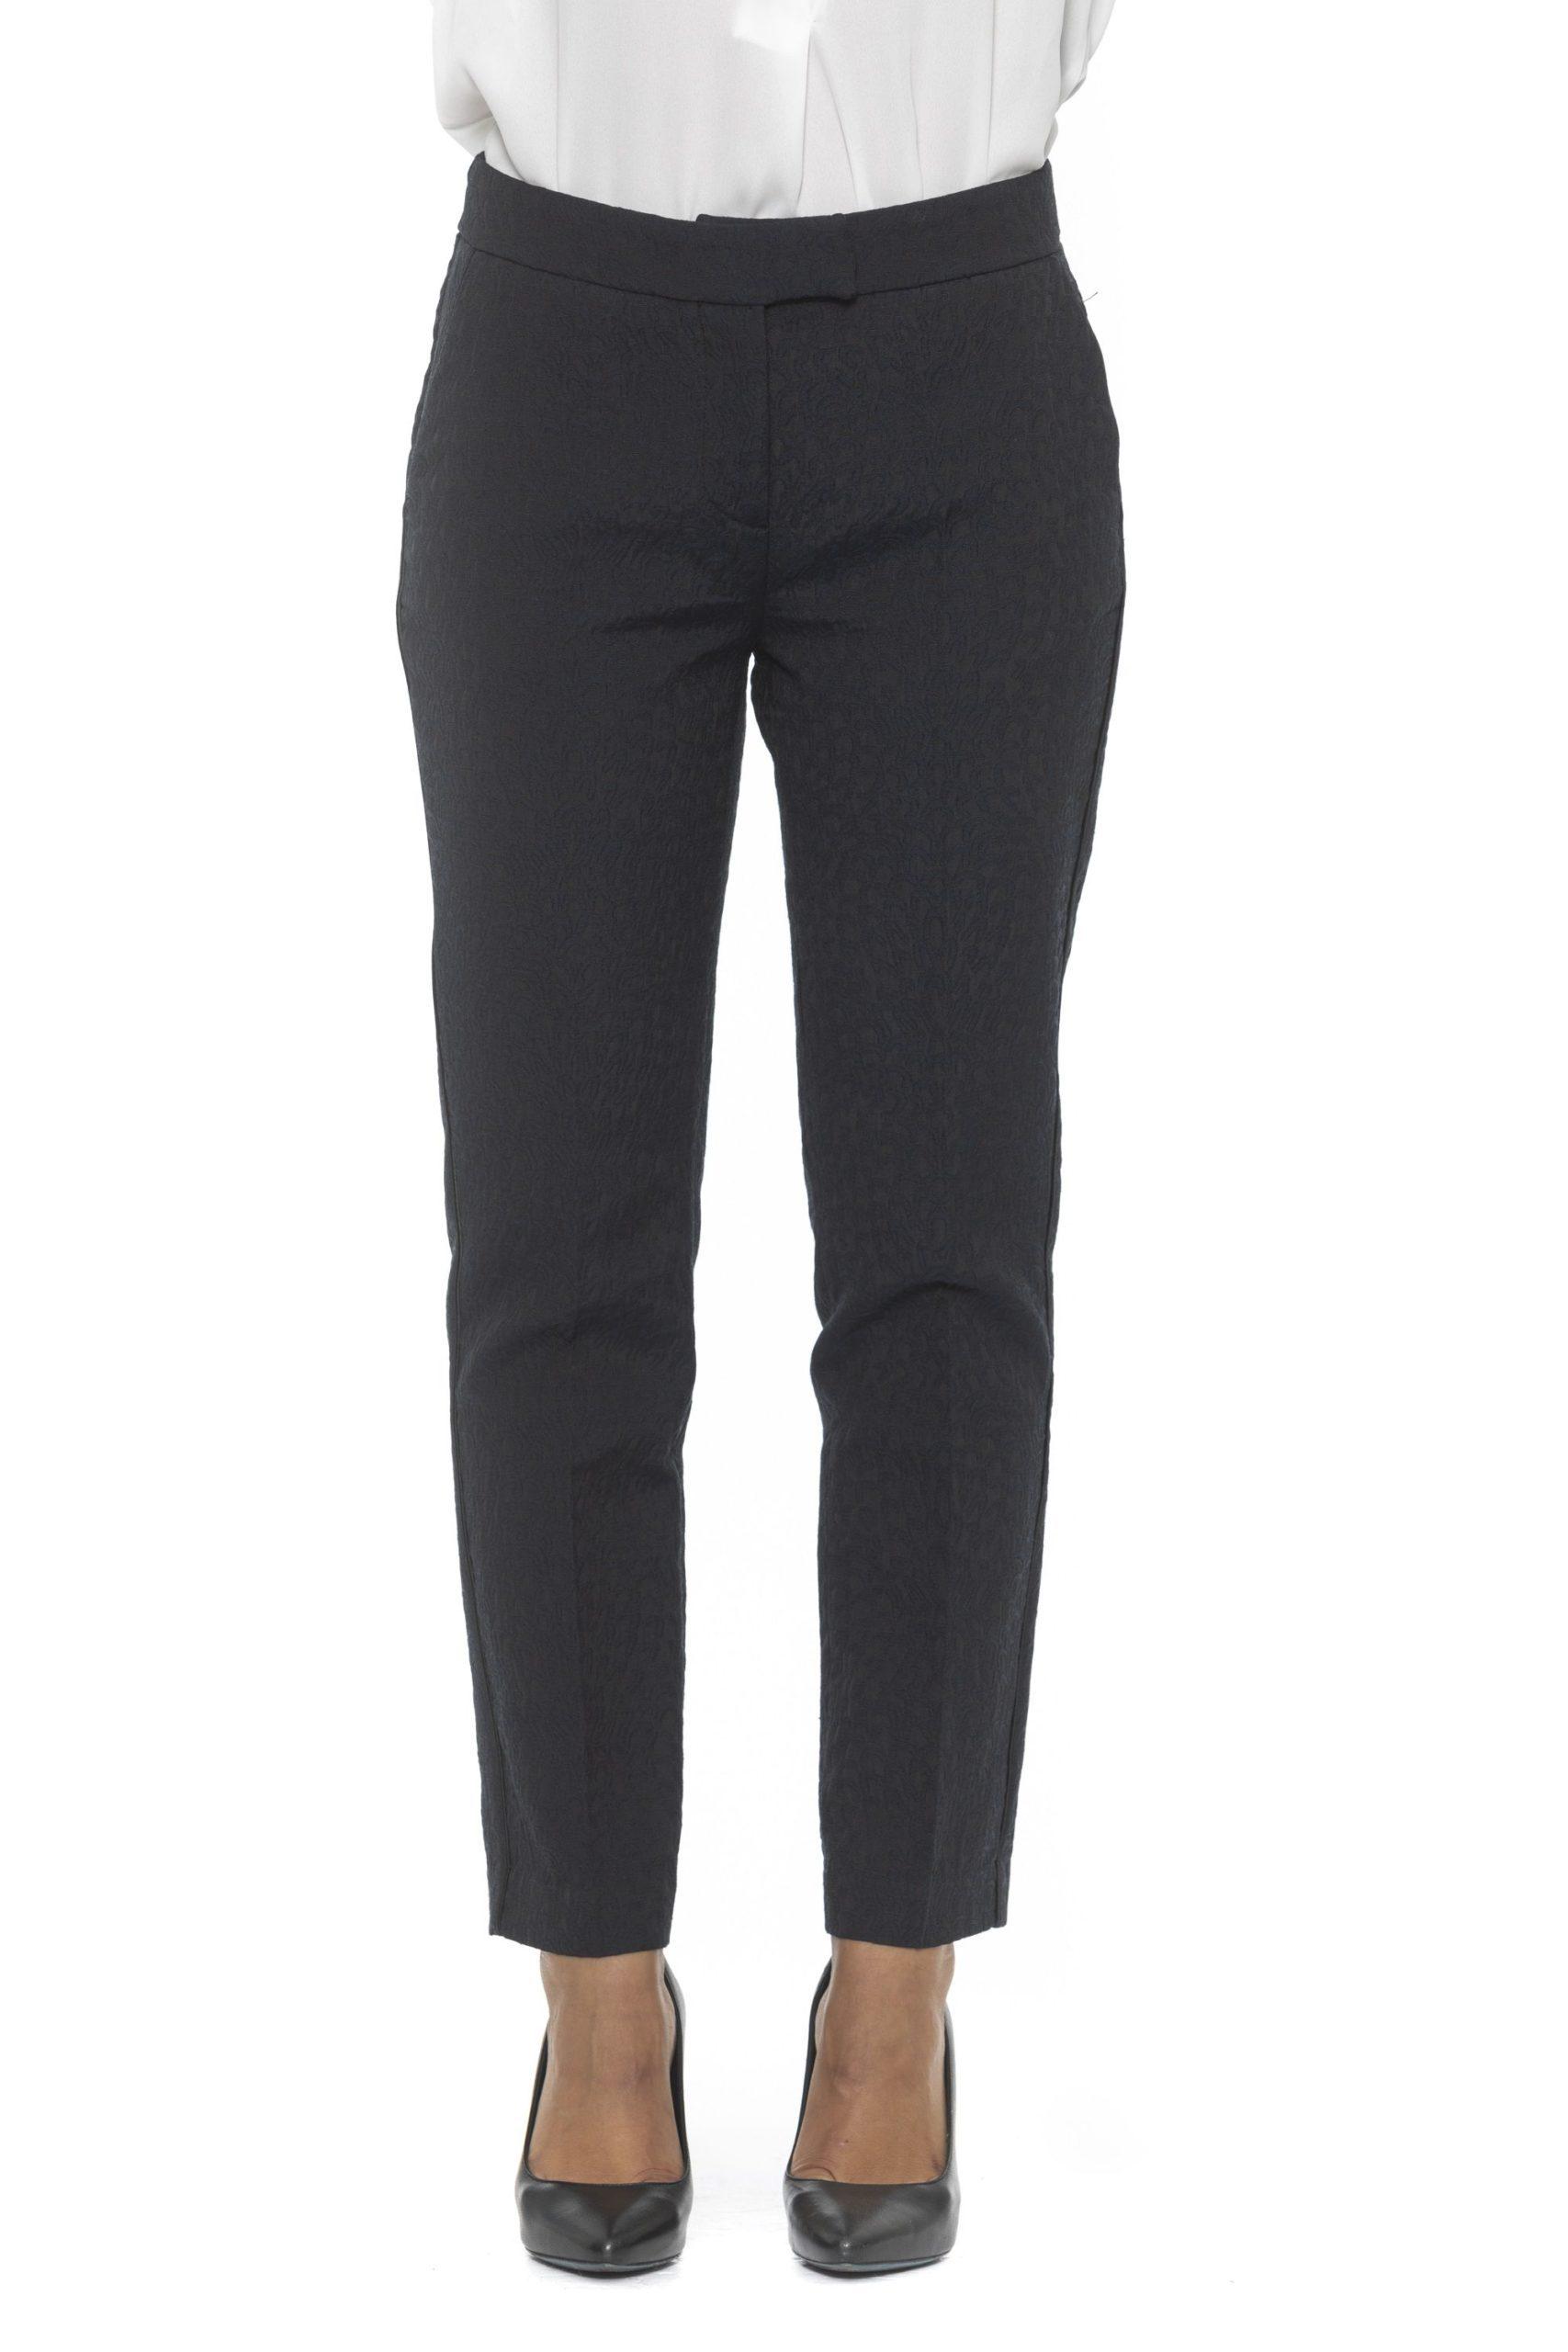 Blunotte Jeans & Pant - IT42 | S